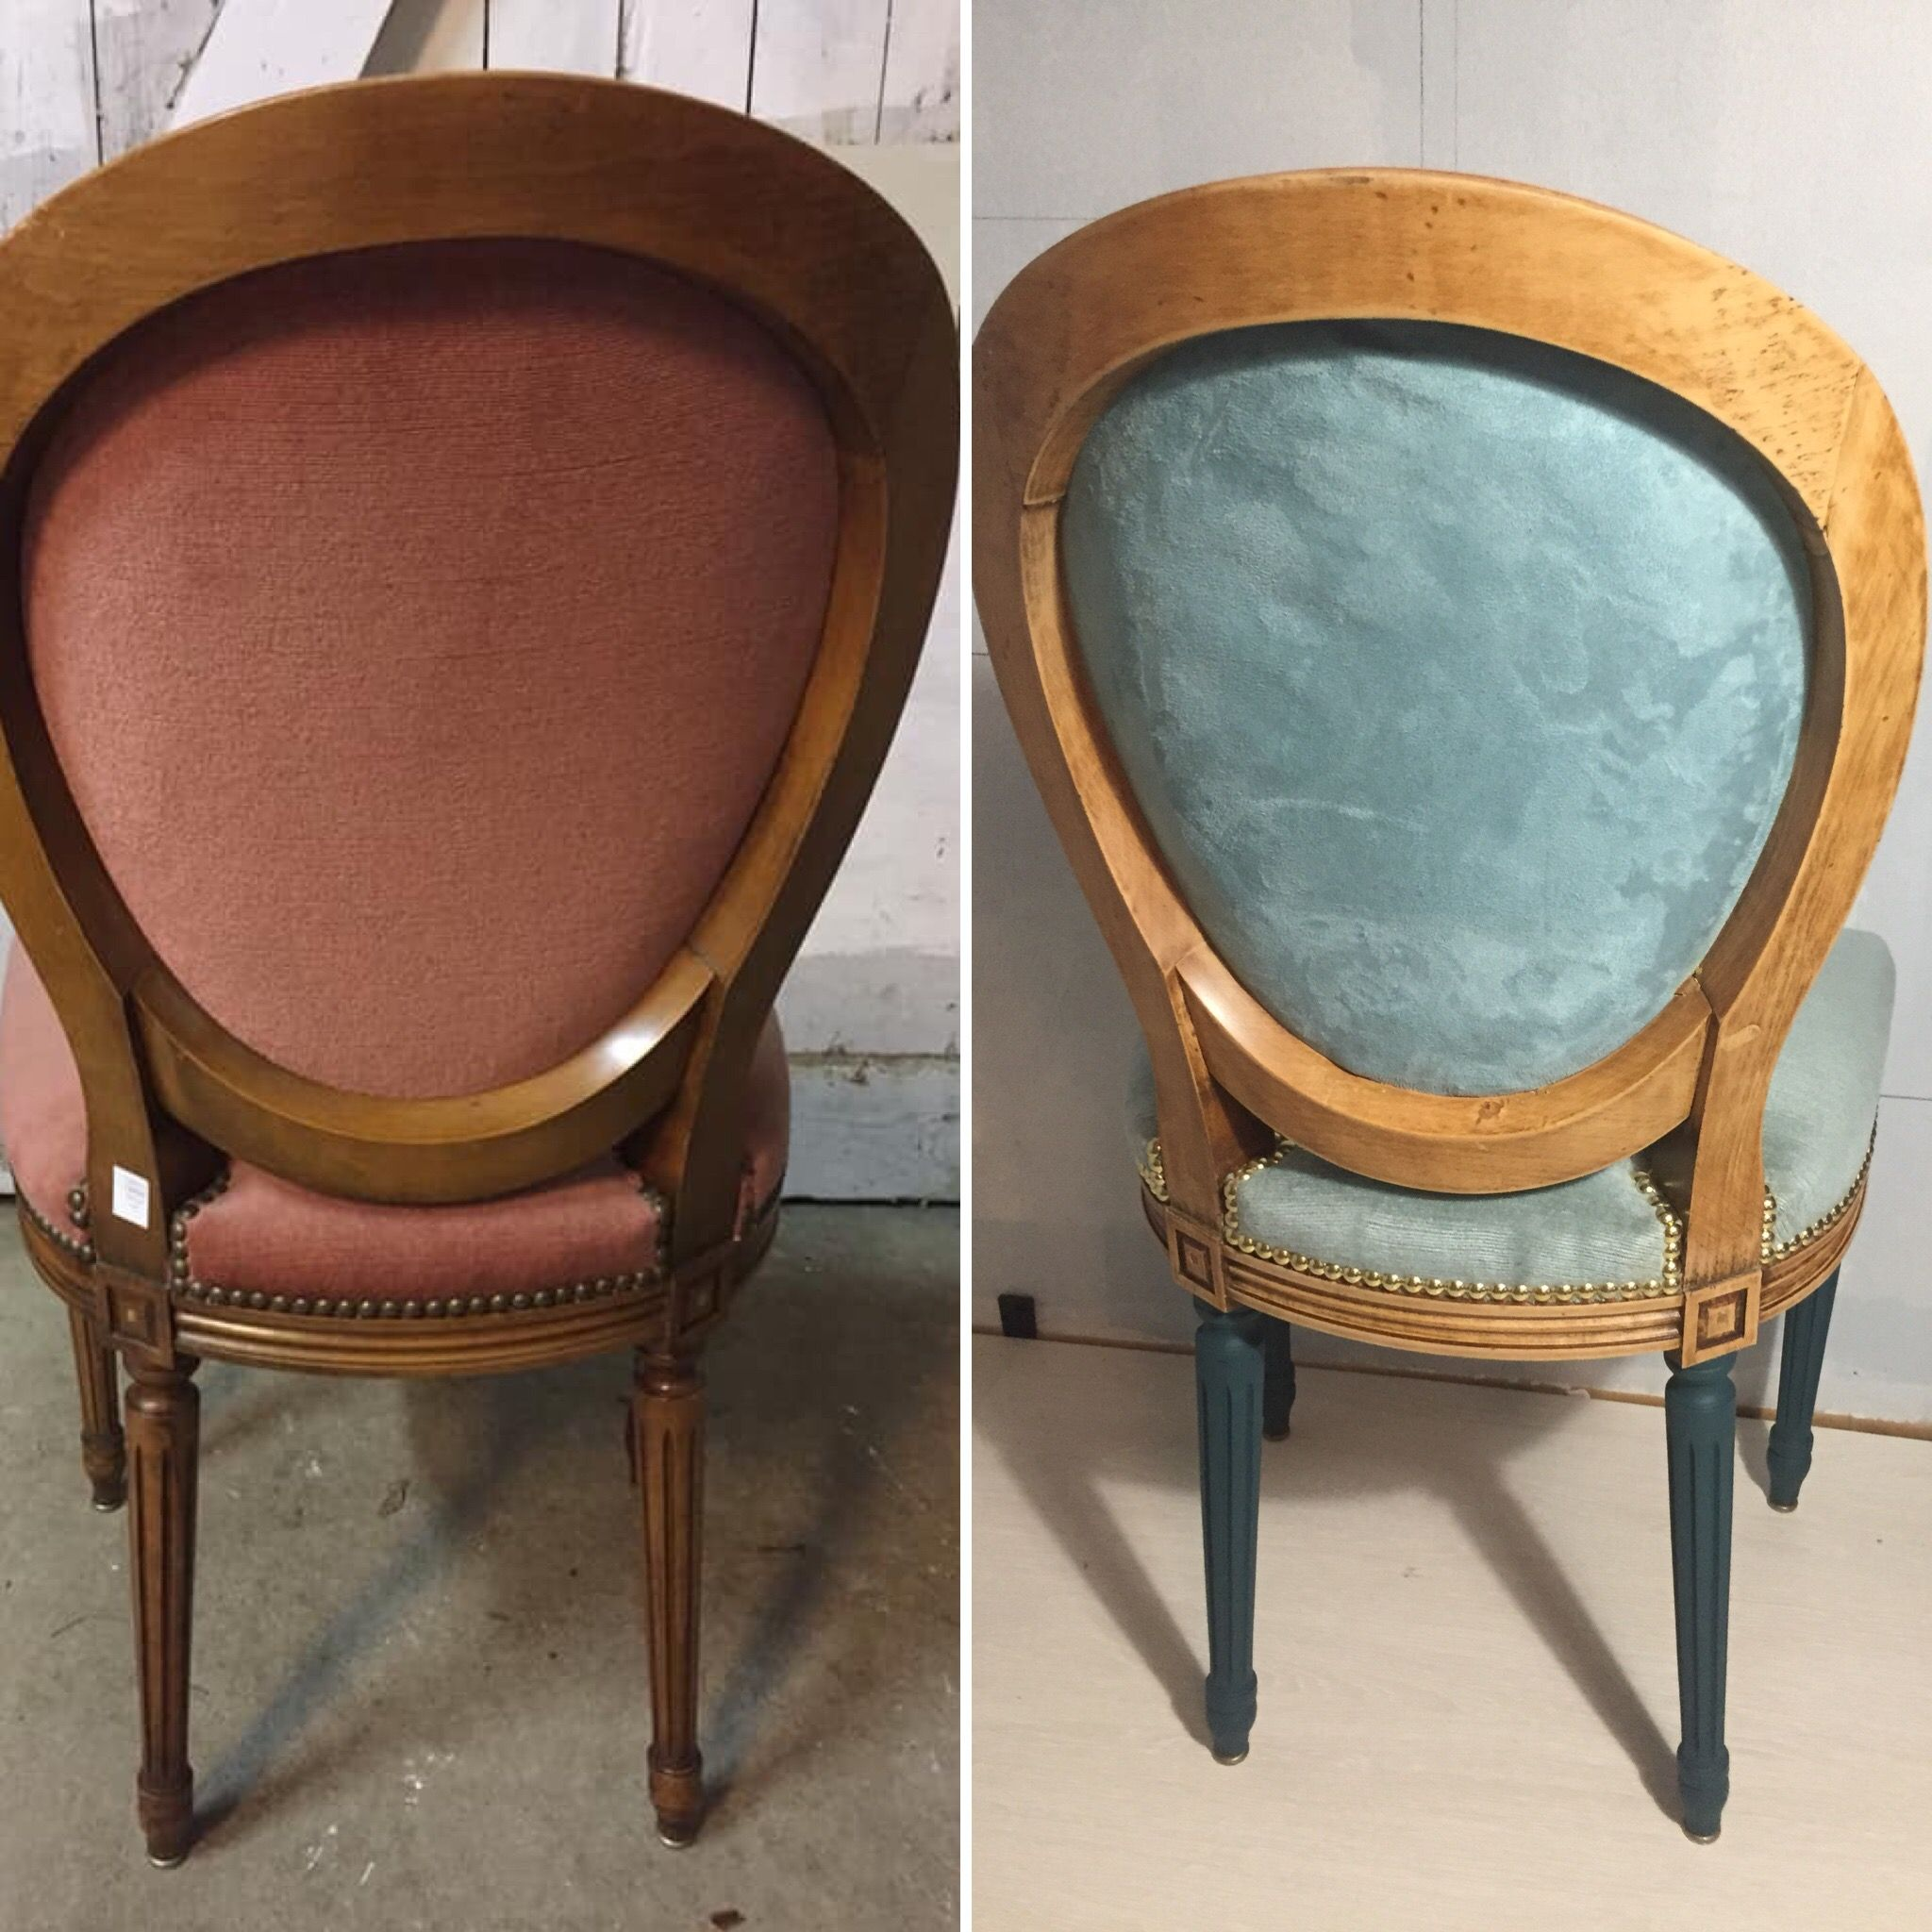 Comment Tapisser Une Chaise Ancienne retapisser une chaise avec clous tapissiers, restaration